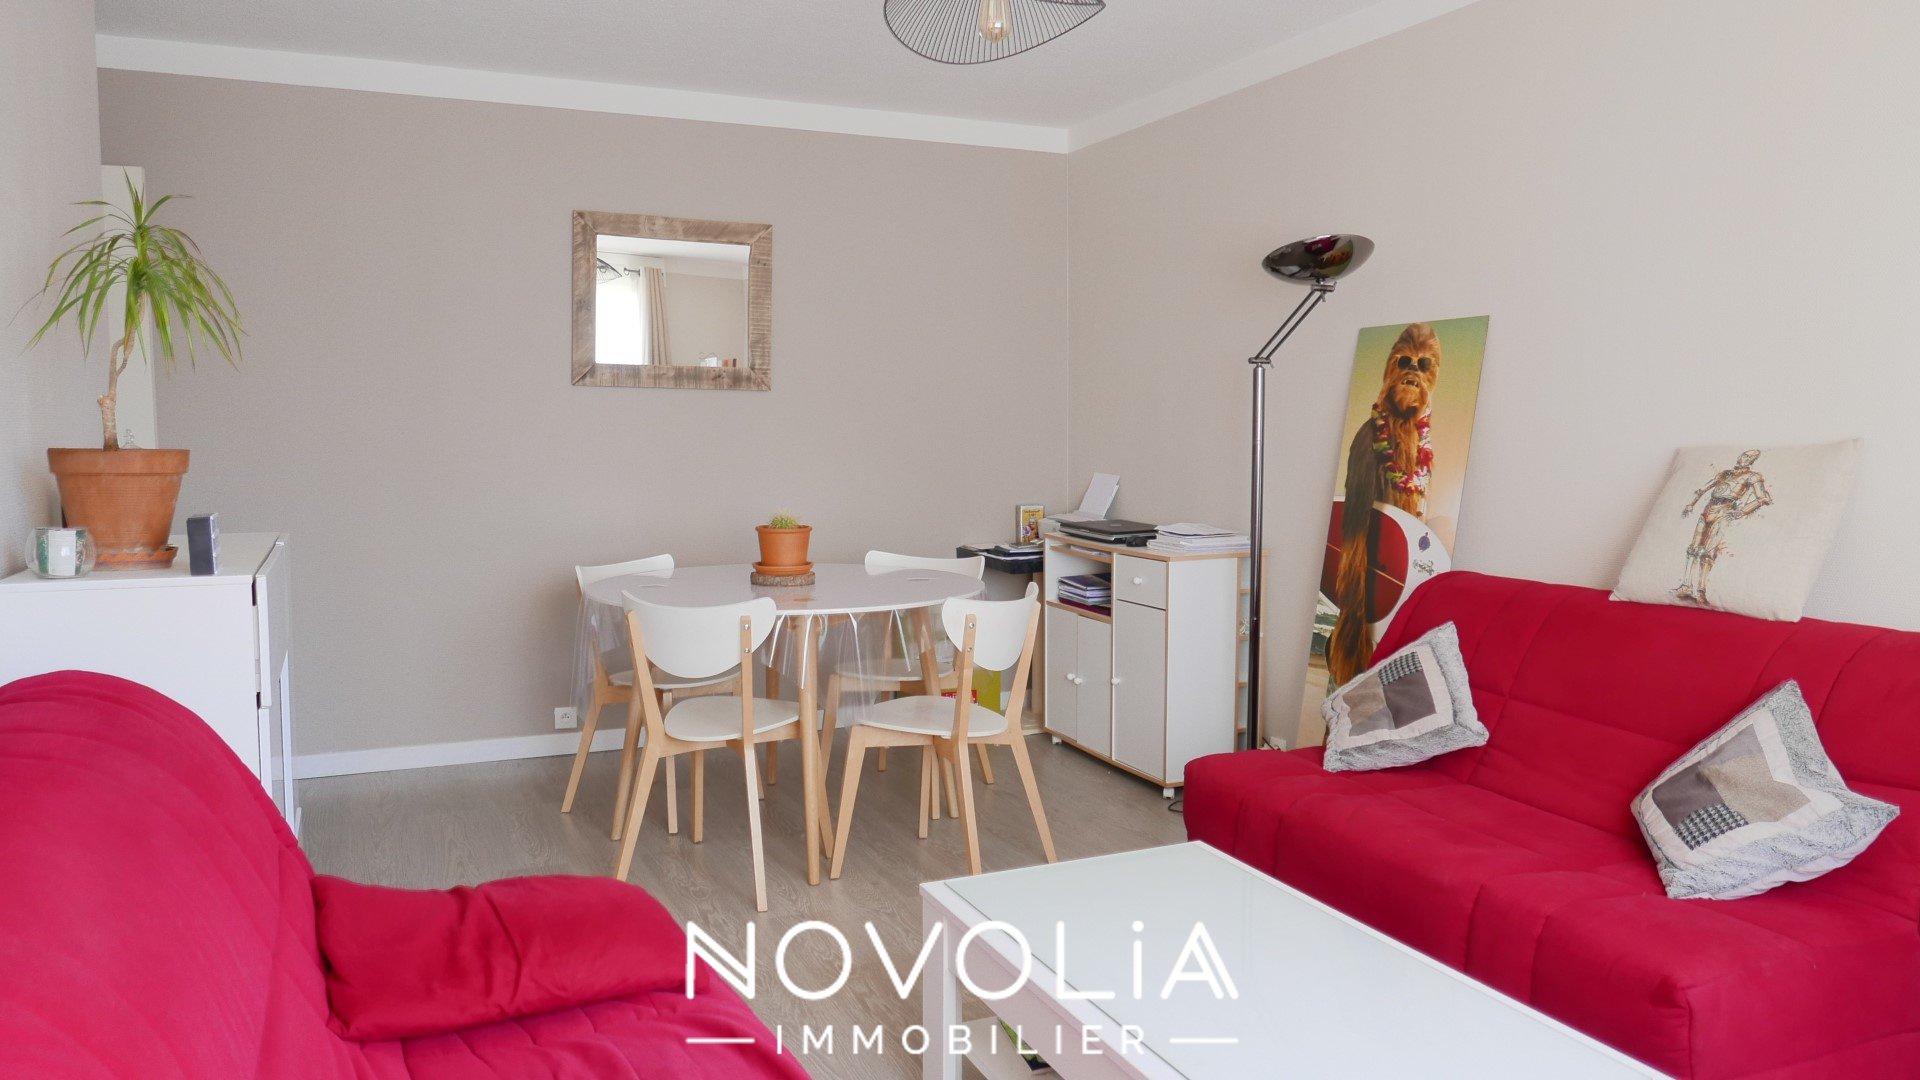 Achat Appartement Surface de 50.43 m², 2 pièces, Villeurbanne (69100)